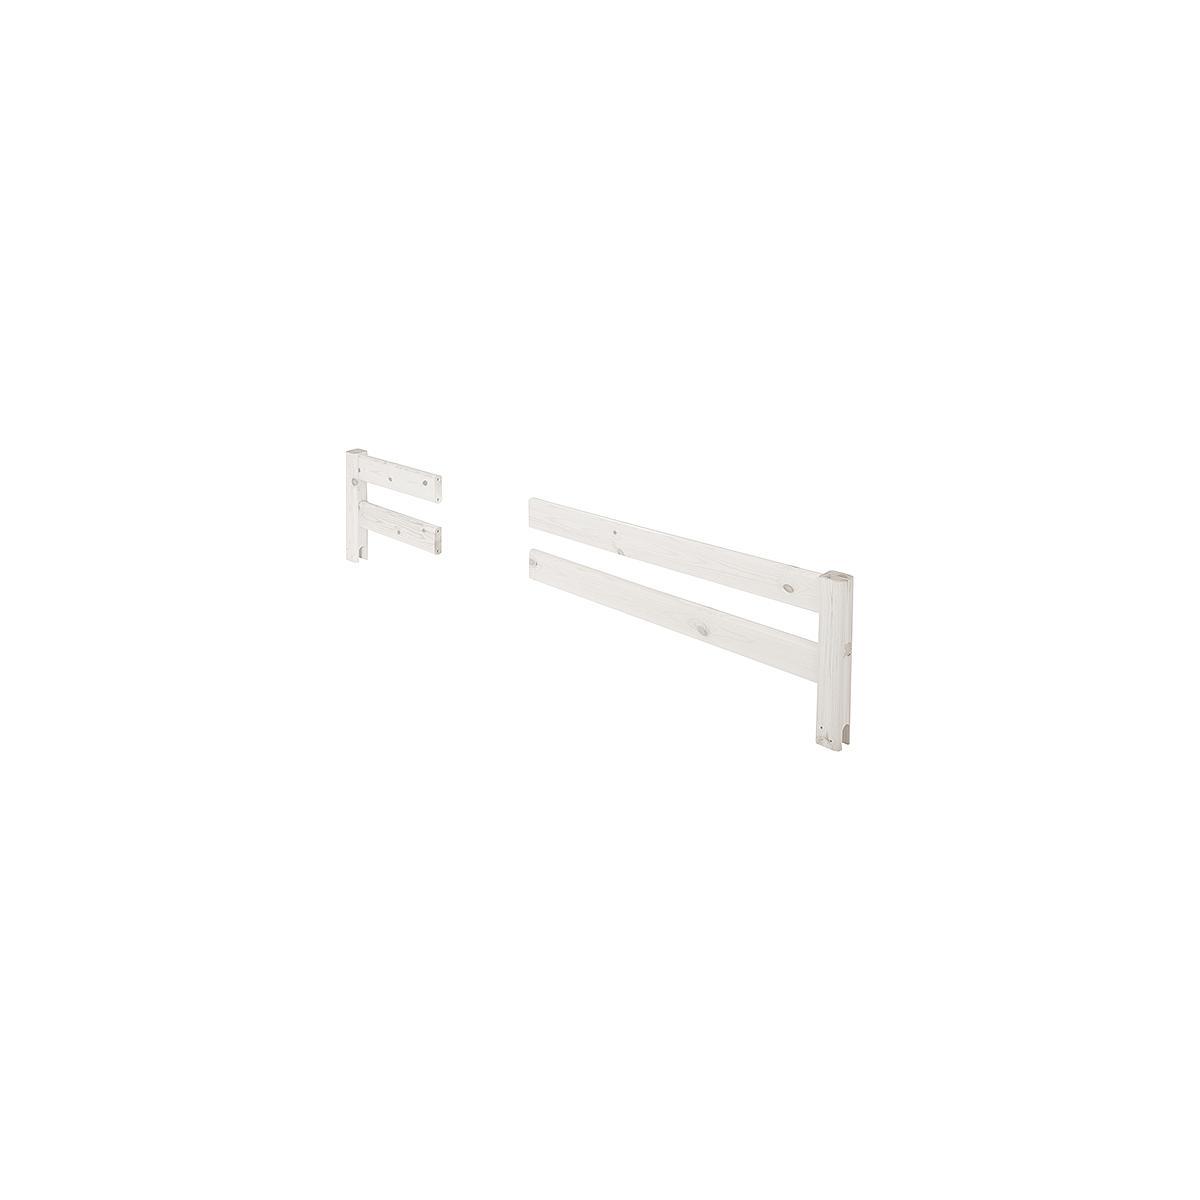 Barrera 2 partes Cama 190cm CLASSIC Flexa blanco cal